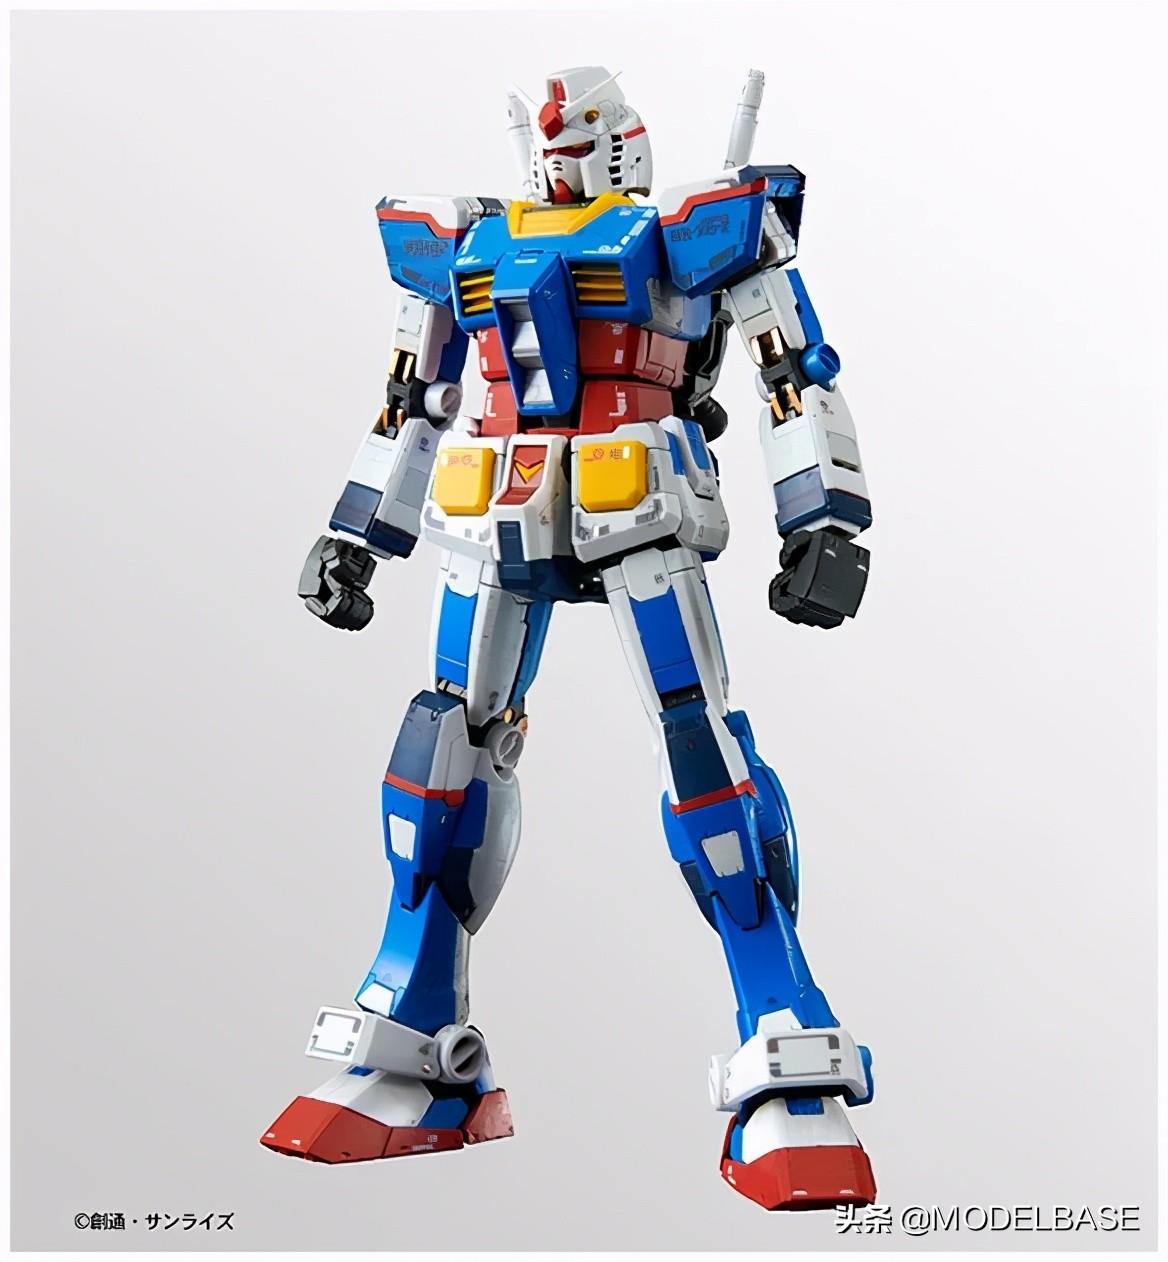 万代正式公布《Gundam Build Real》系列RG RX78商品化